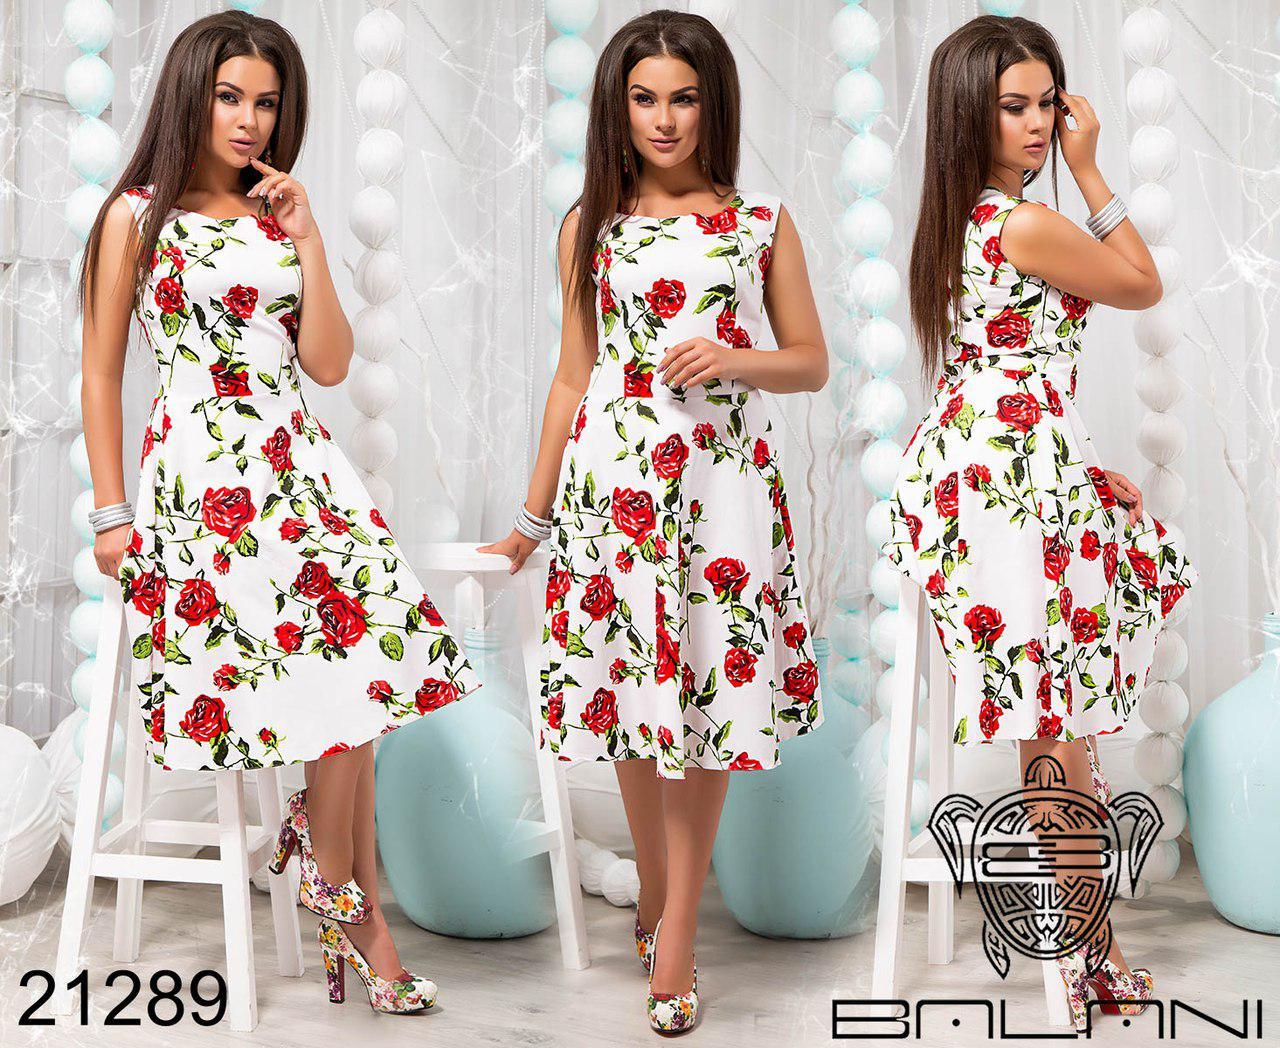 e48668da79f Расклешенное платье до колен большого размера Размерный ряд  46-54 ...